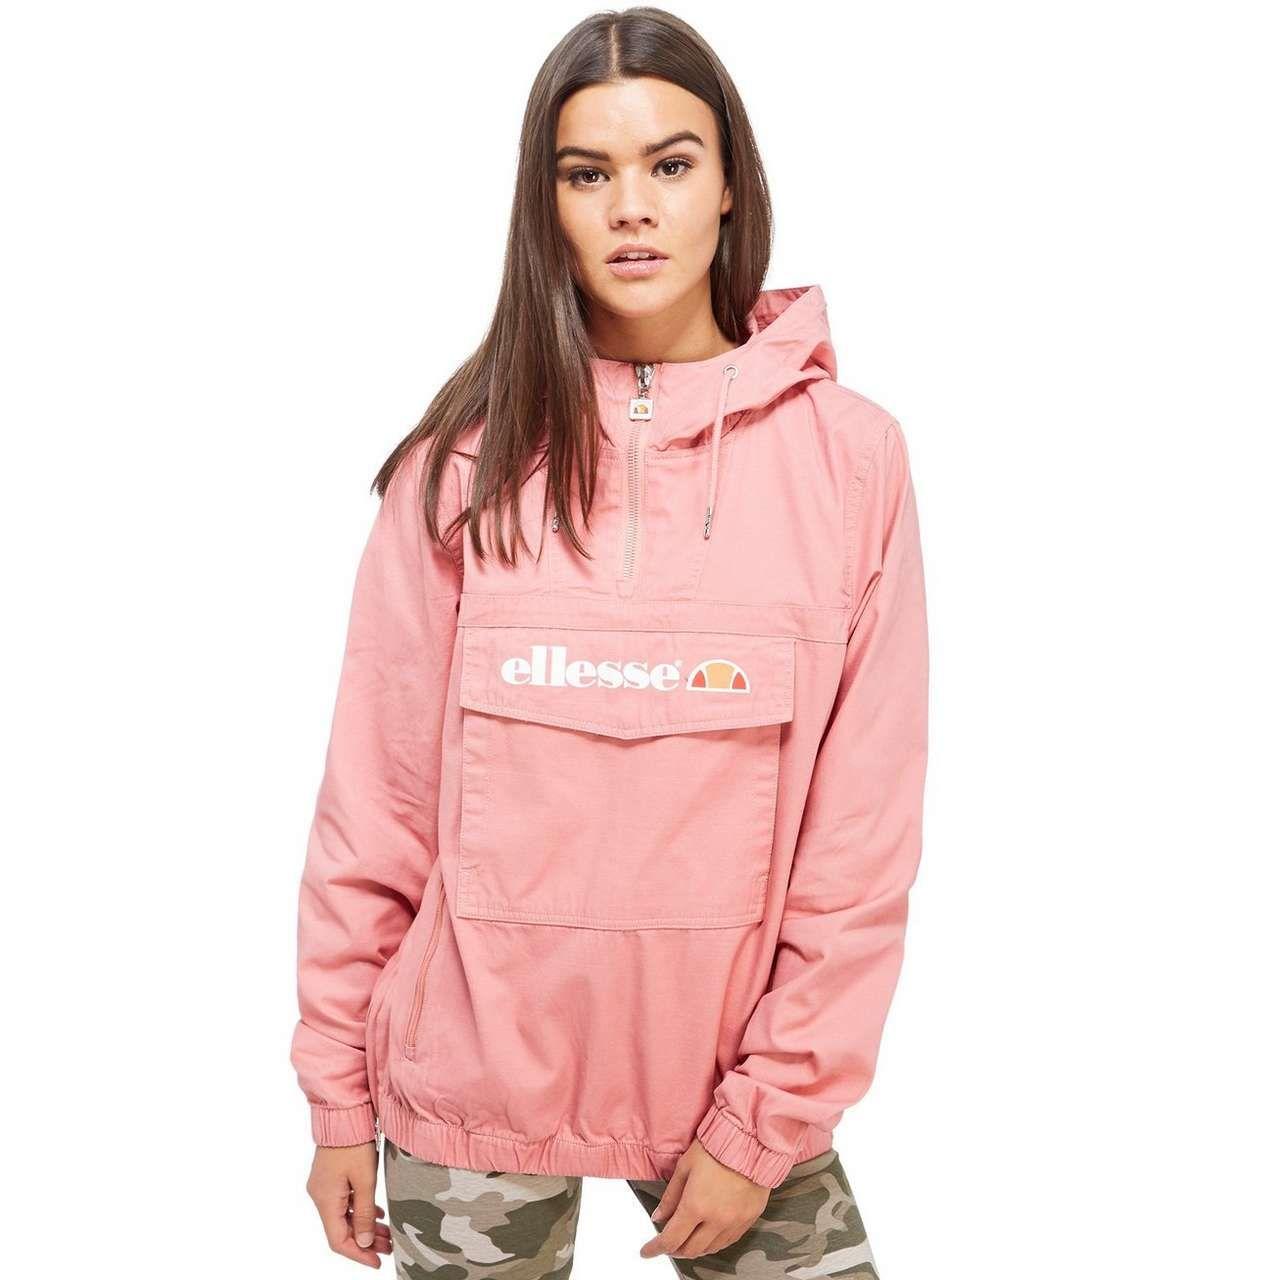 Ellesse Overhead Jacket | Veste ellesse, Veste homme et Mode